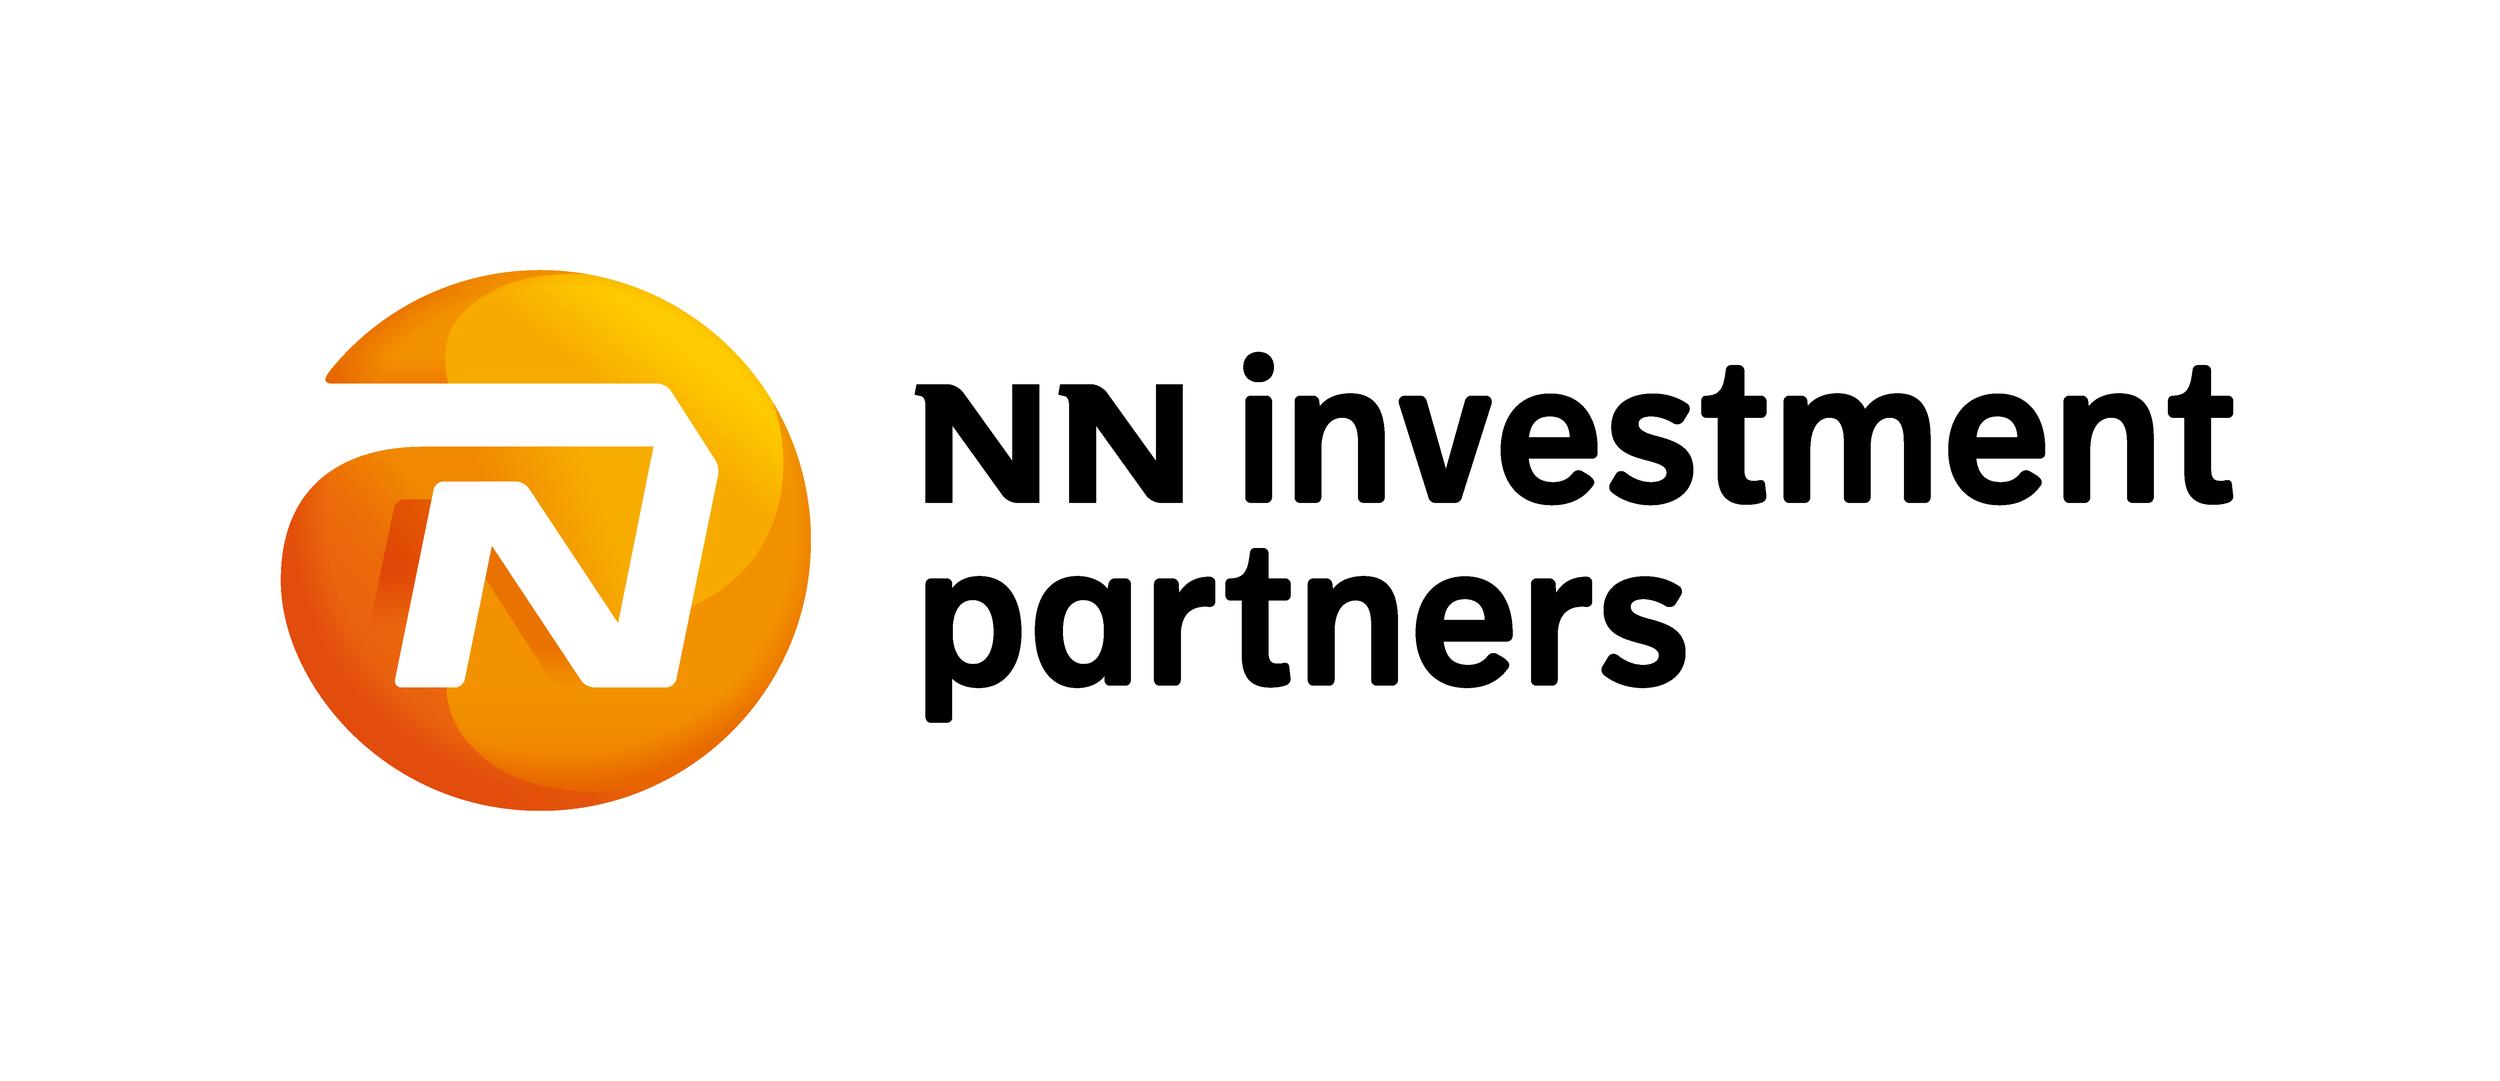 NN_Inv_Partners_v1.2_logo_01_rgb_fc_2400.png